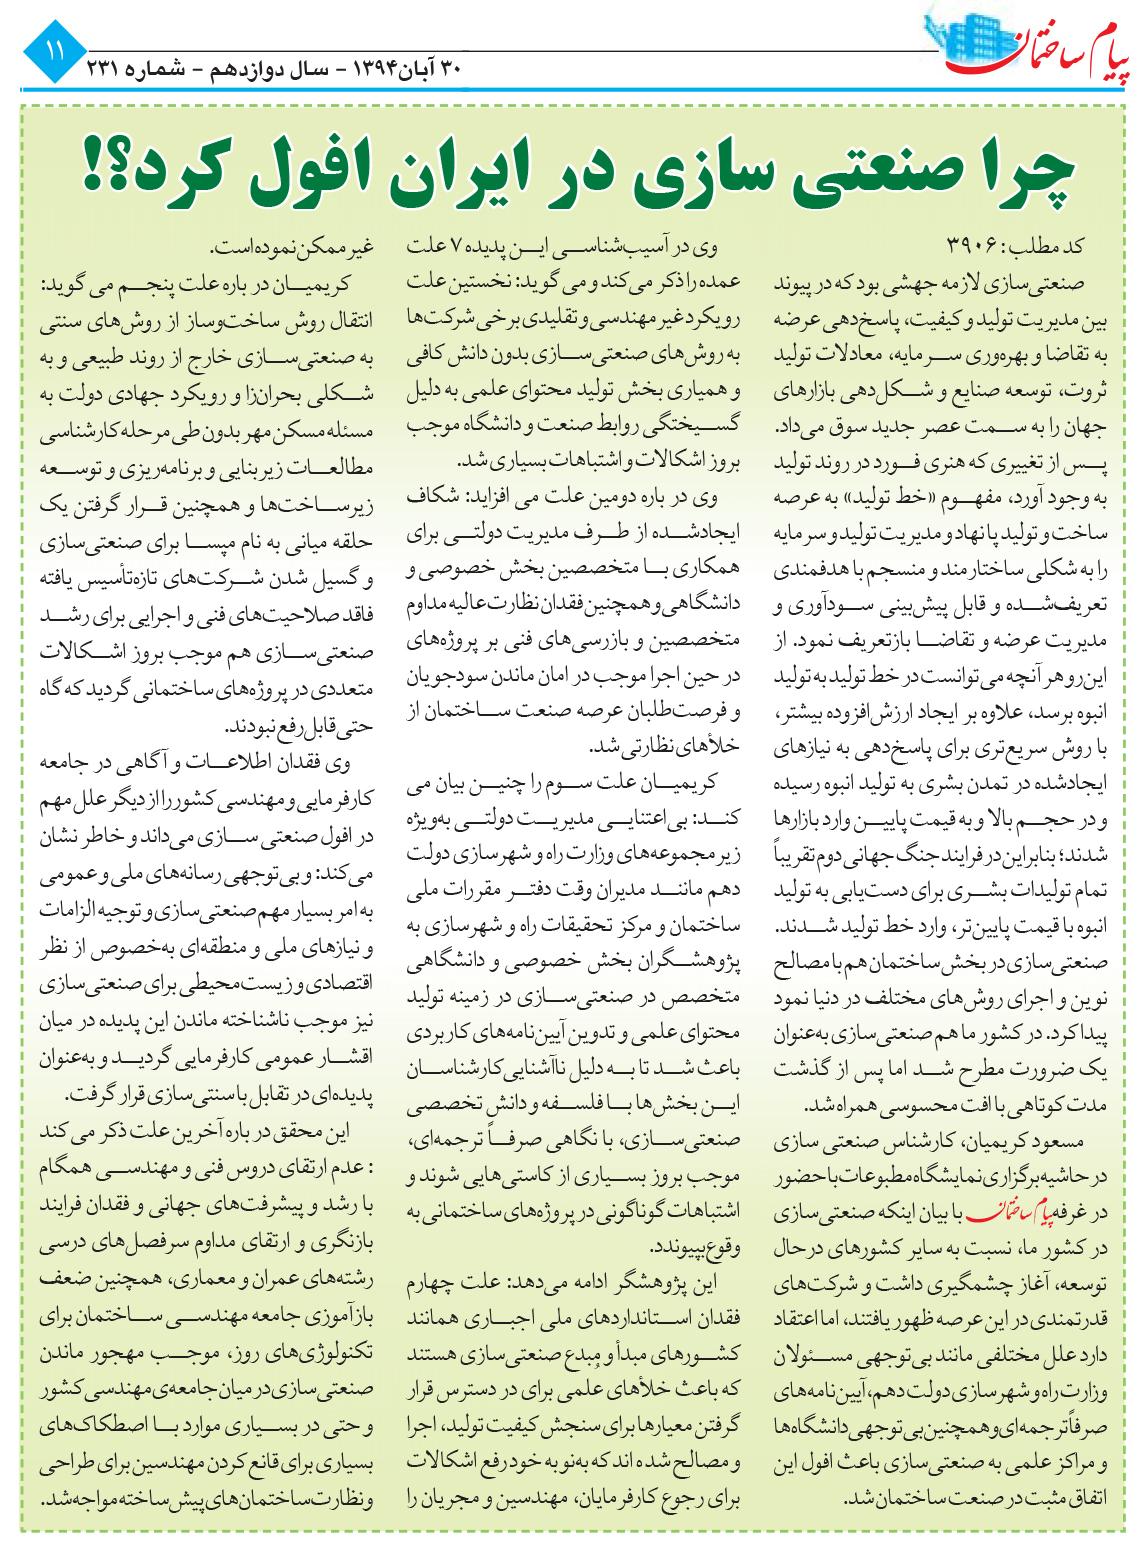 مصاحبه 30 آبان 94